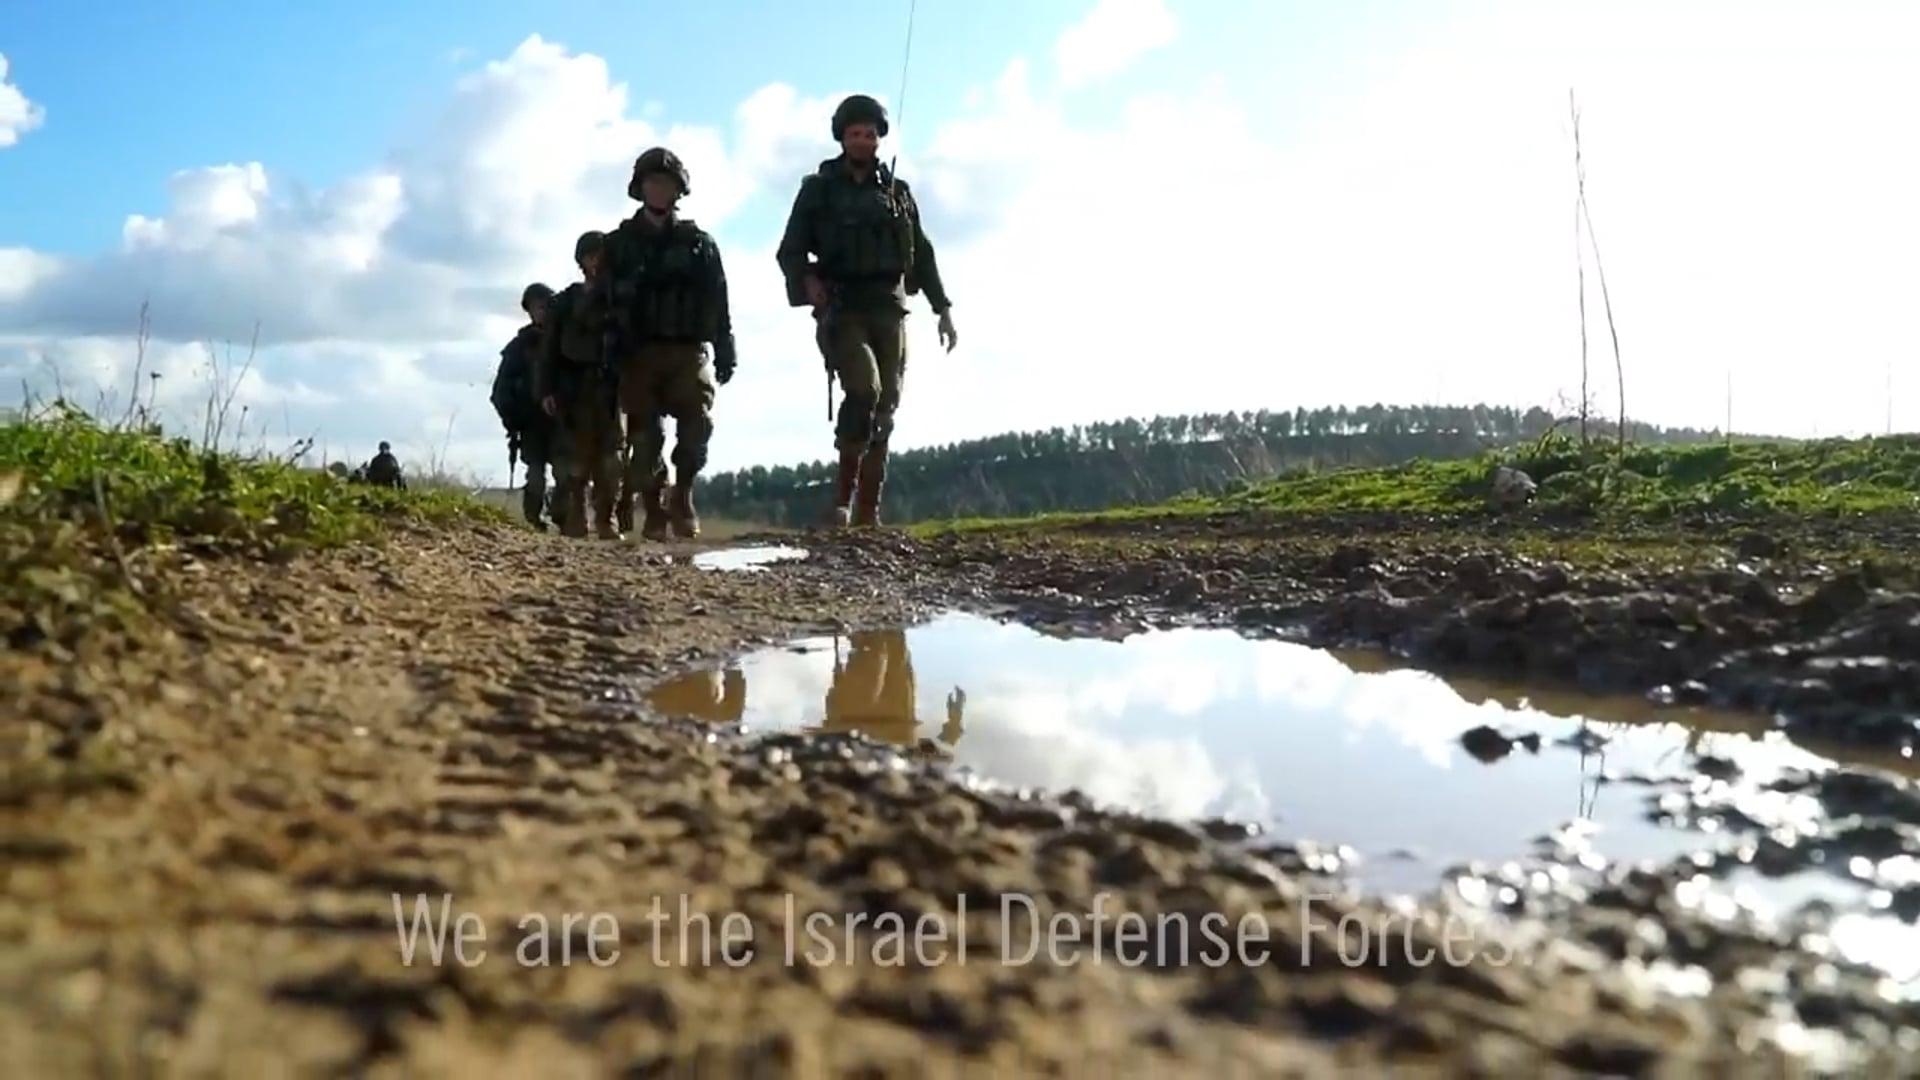 5. Secret of Israel's Military Revealed